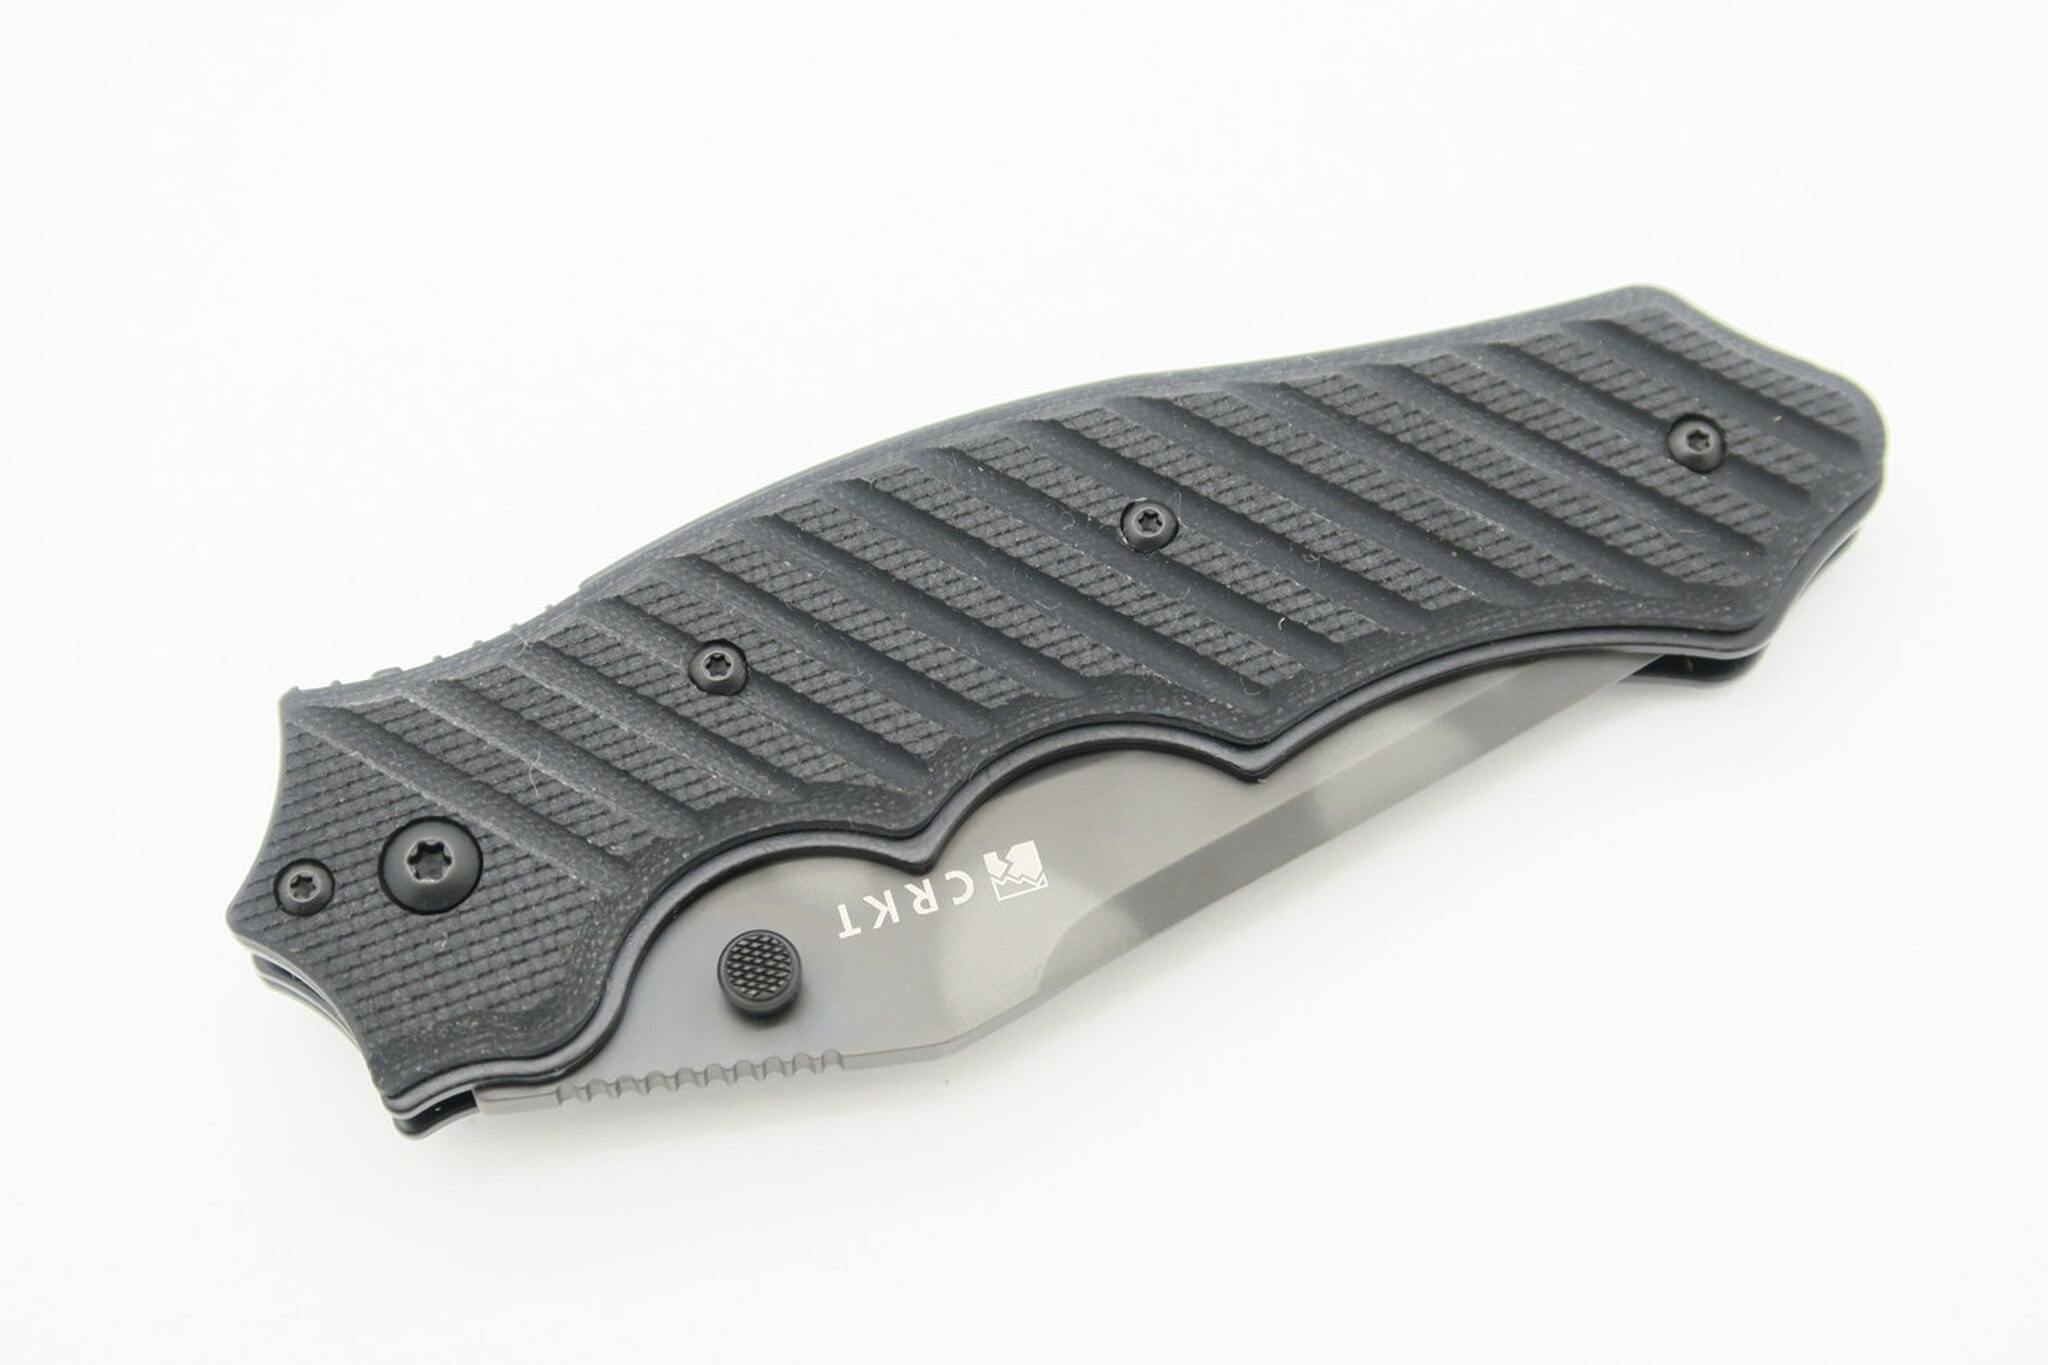 Фото 8 - Складной нож CRKT 1030TSQ Triumph-2, сталь AUS-8 Tiger Stripe, рукоять стеклотекстолит G10